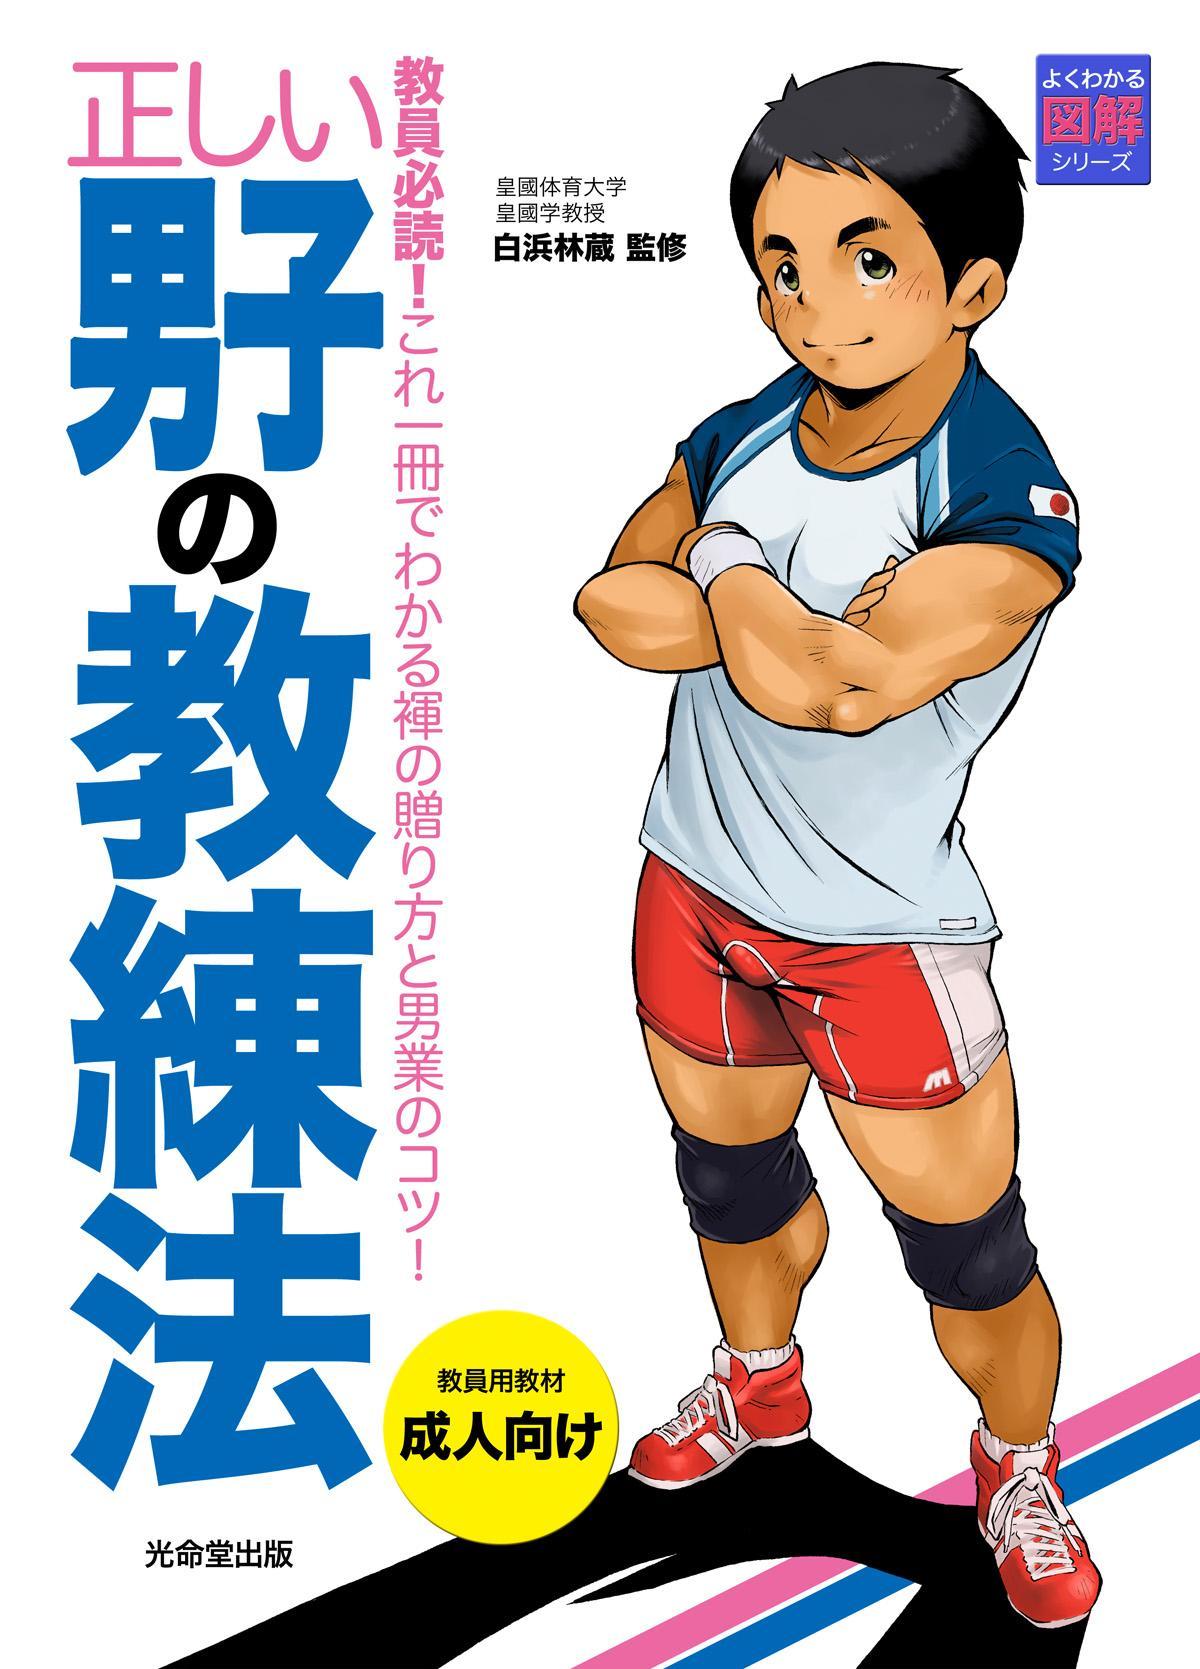 Tadashii Danshi no Kyouren Hou 0